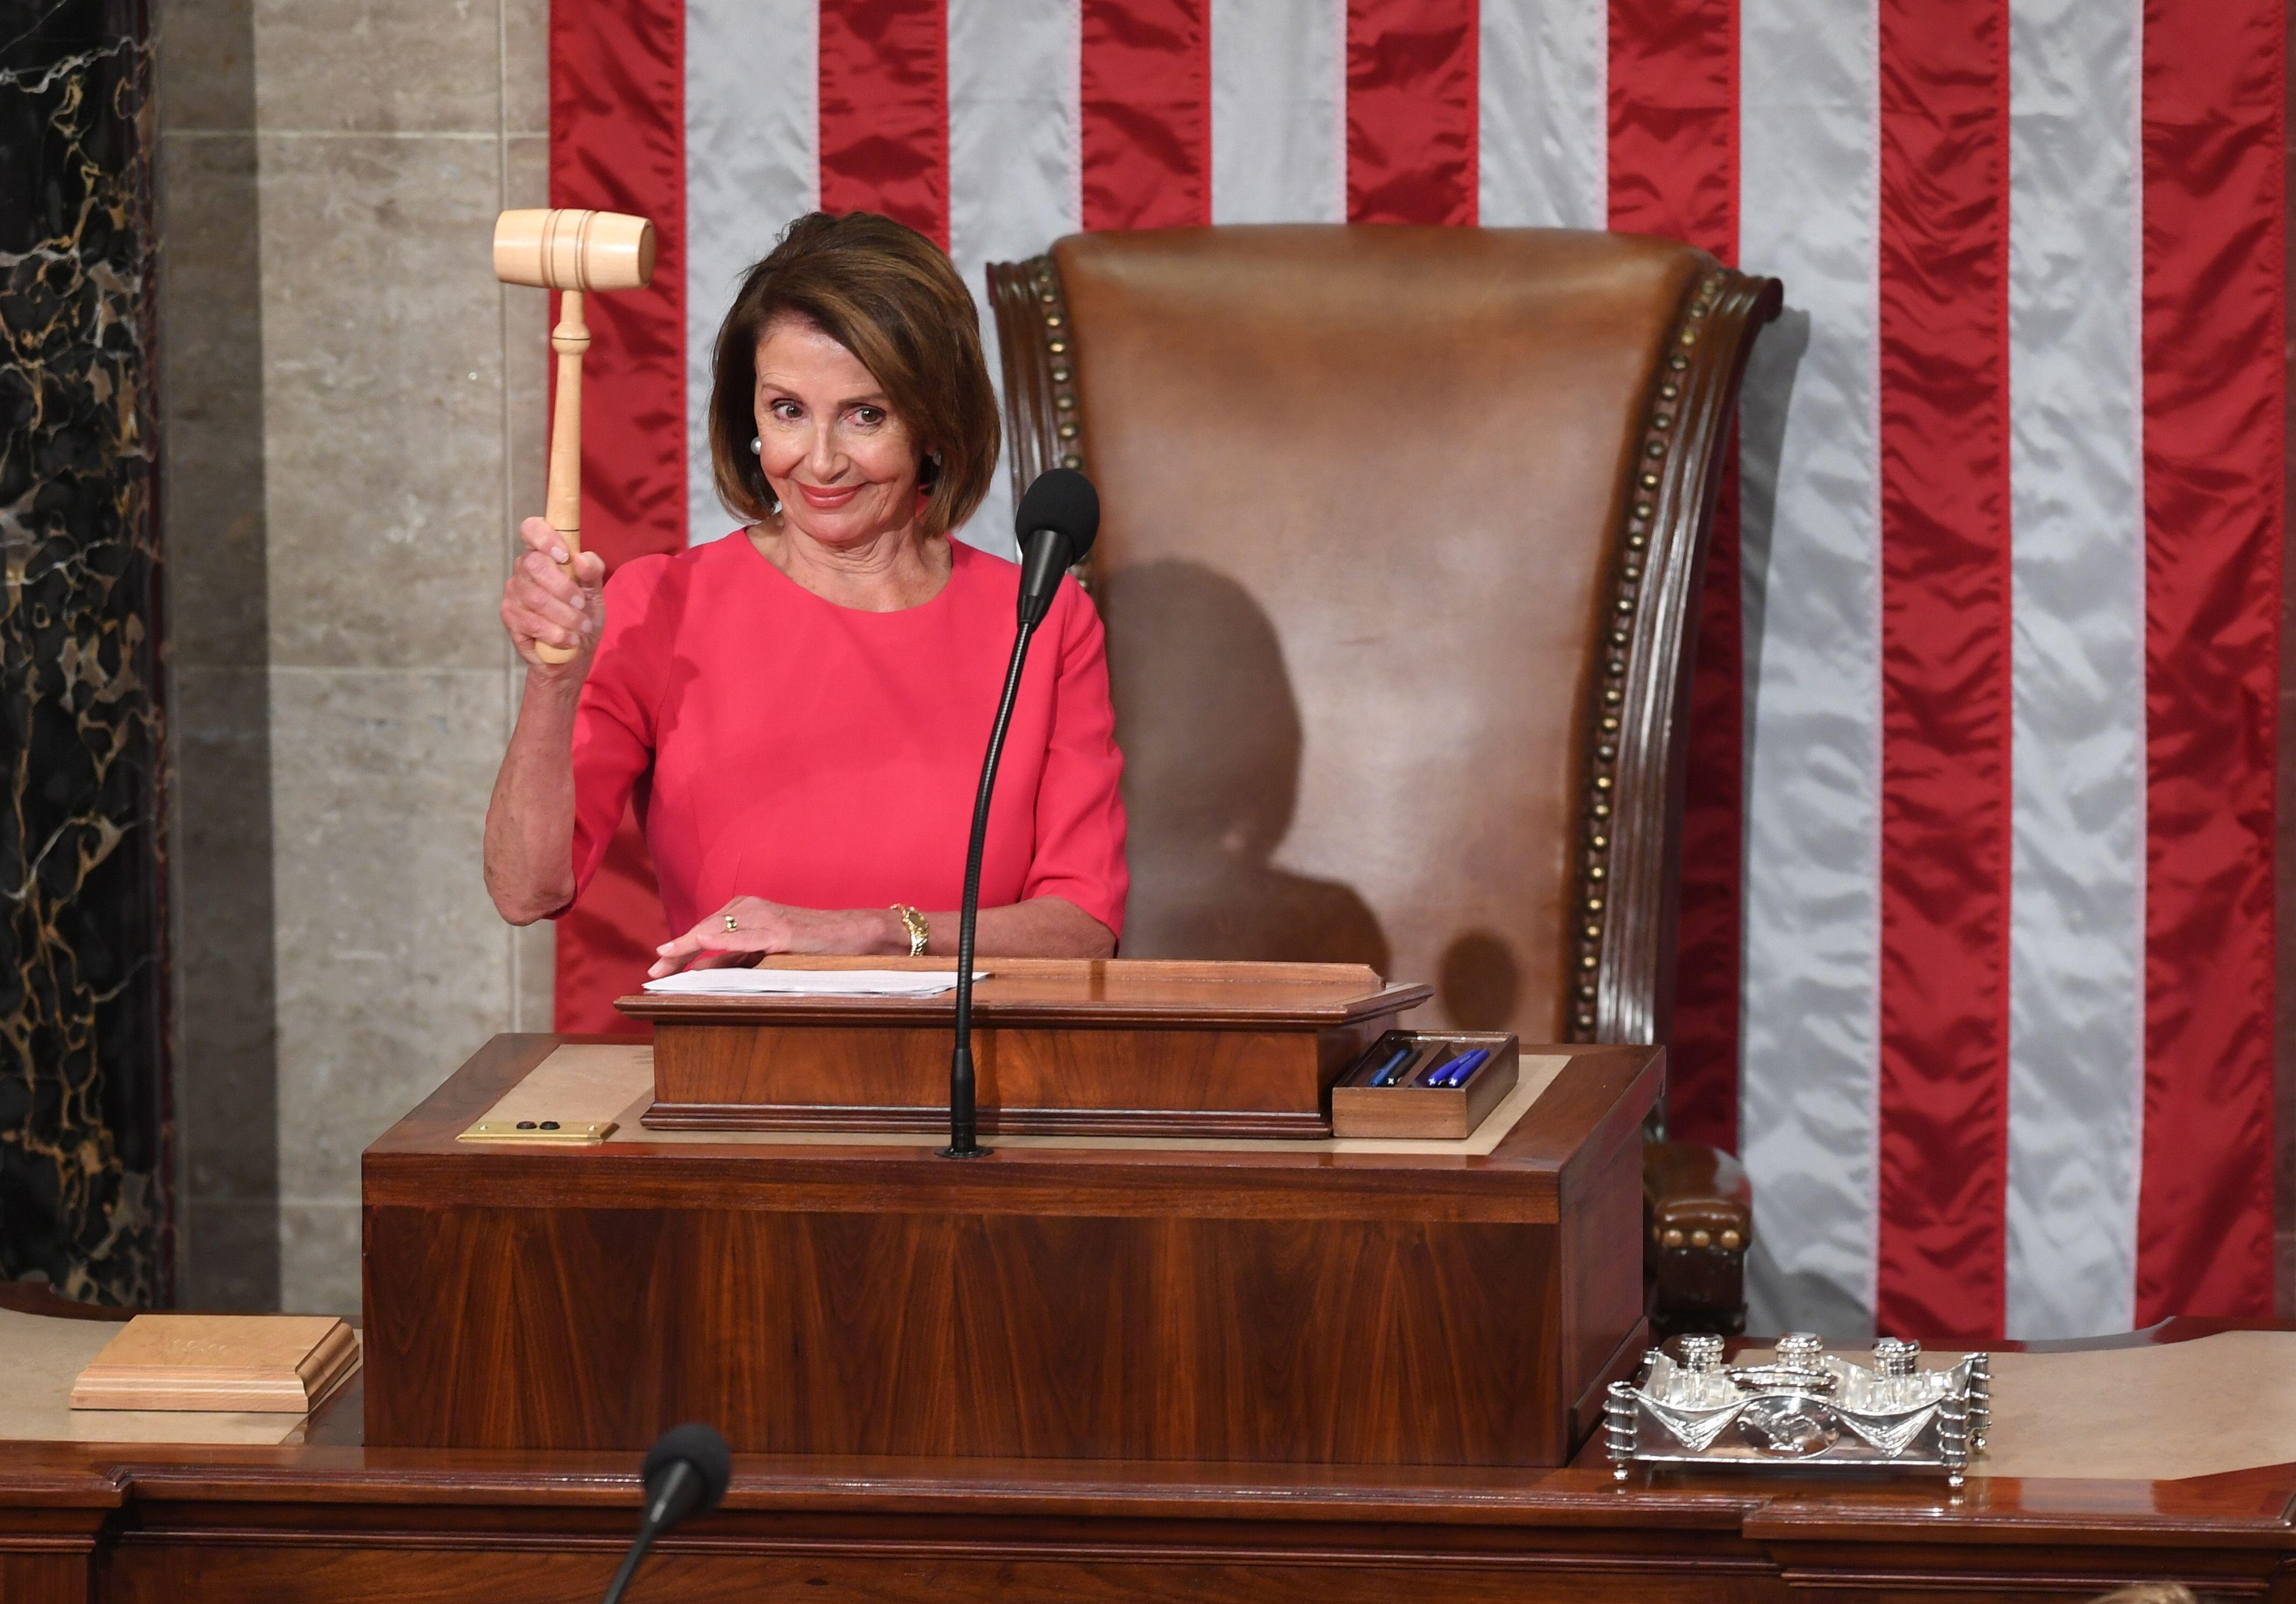 Nancy Pelosi holds gavel smiling.